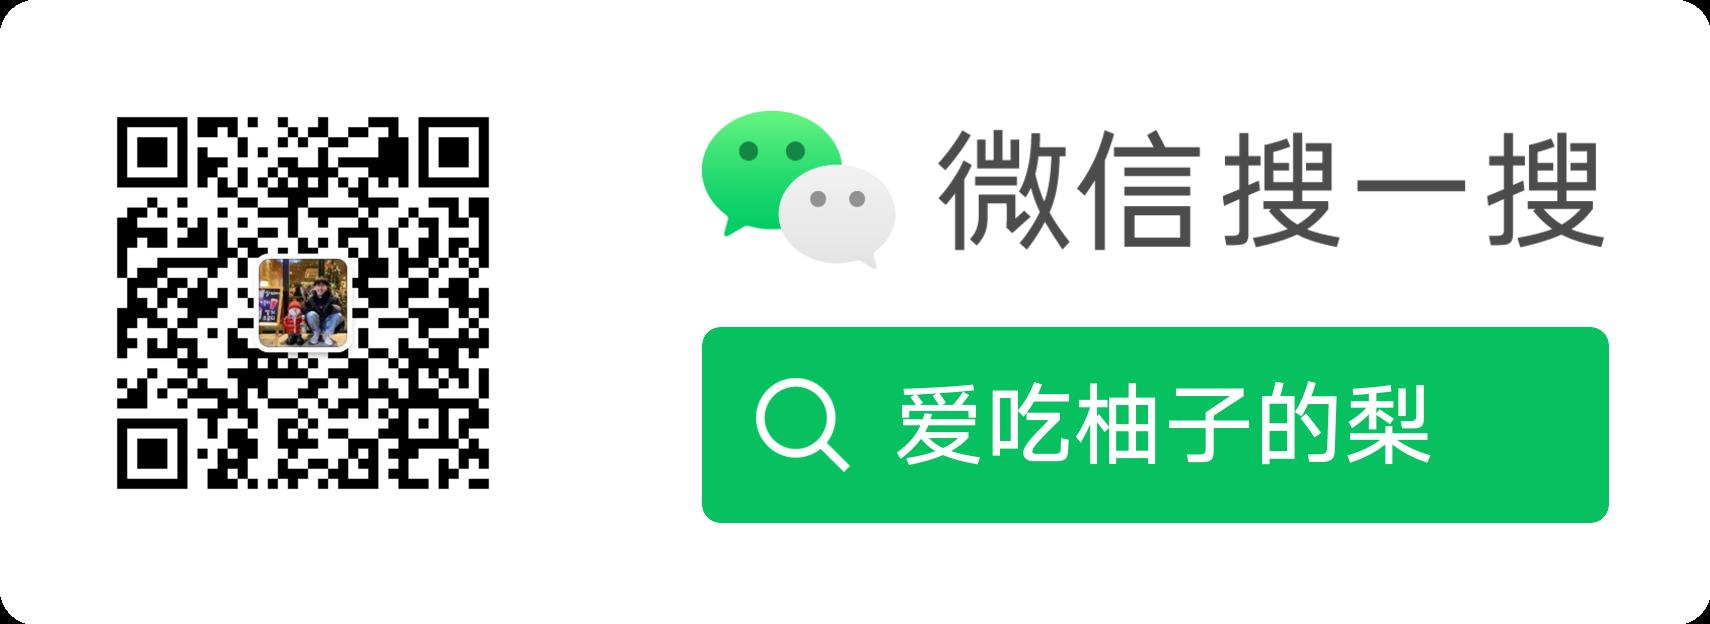 扫码_搜索联合传播样式-白色版.png